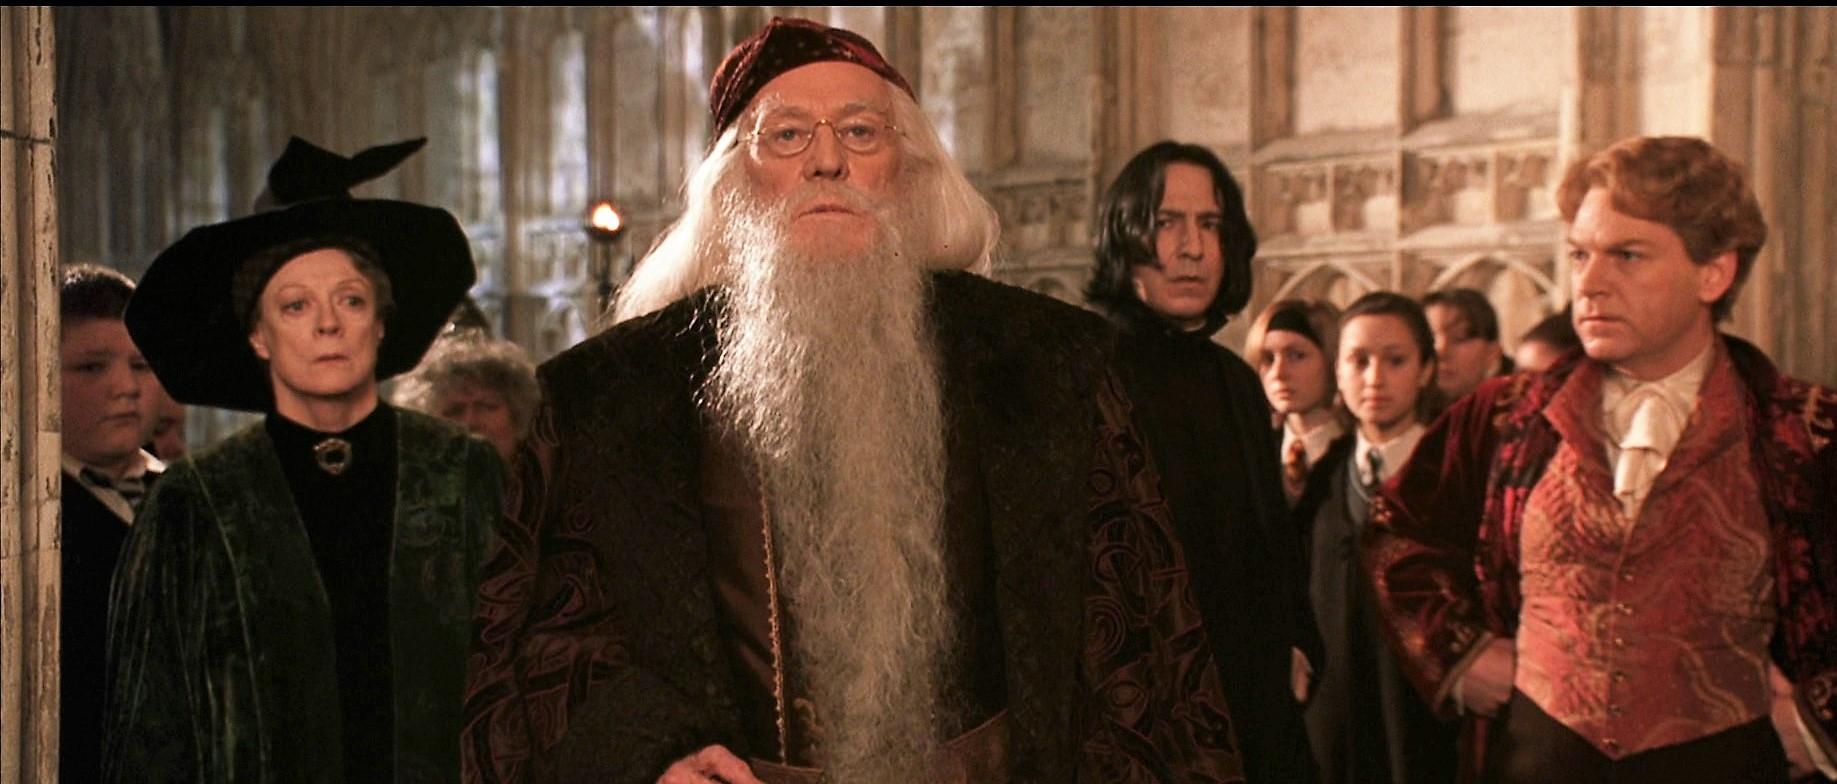 Harry-potter2-professors.jpg